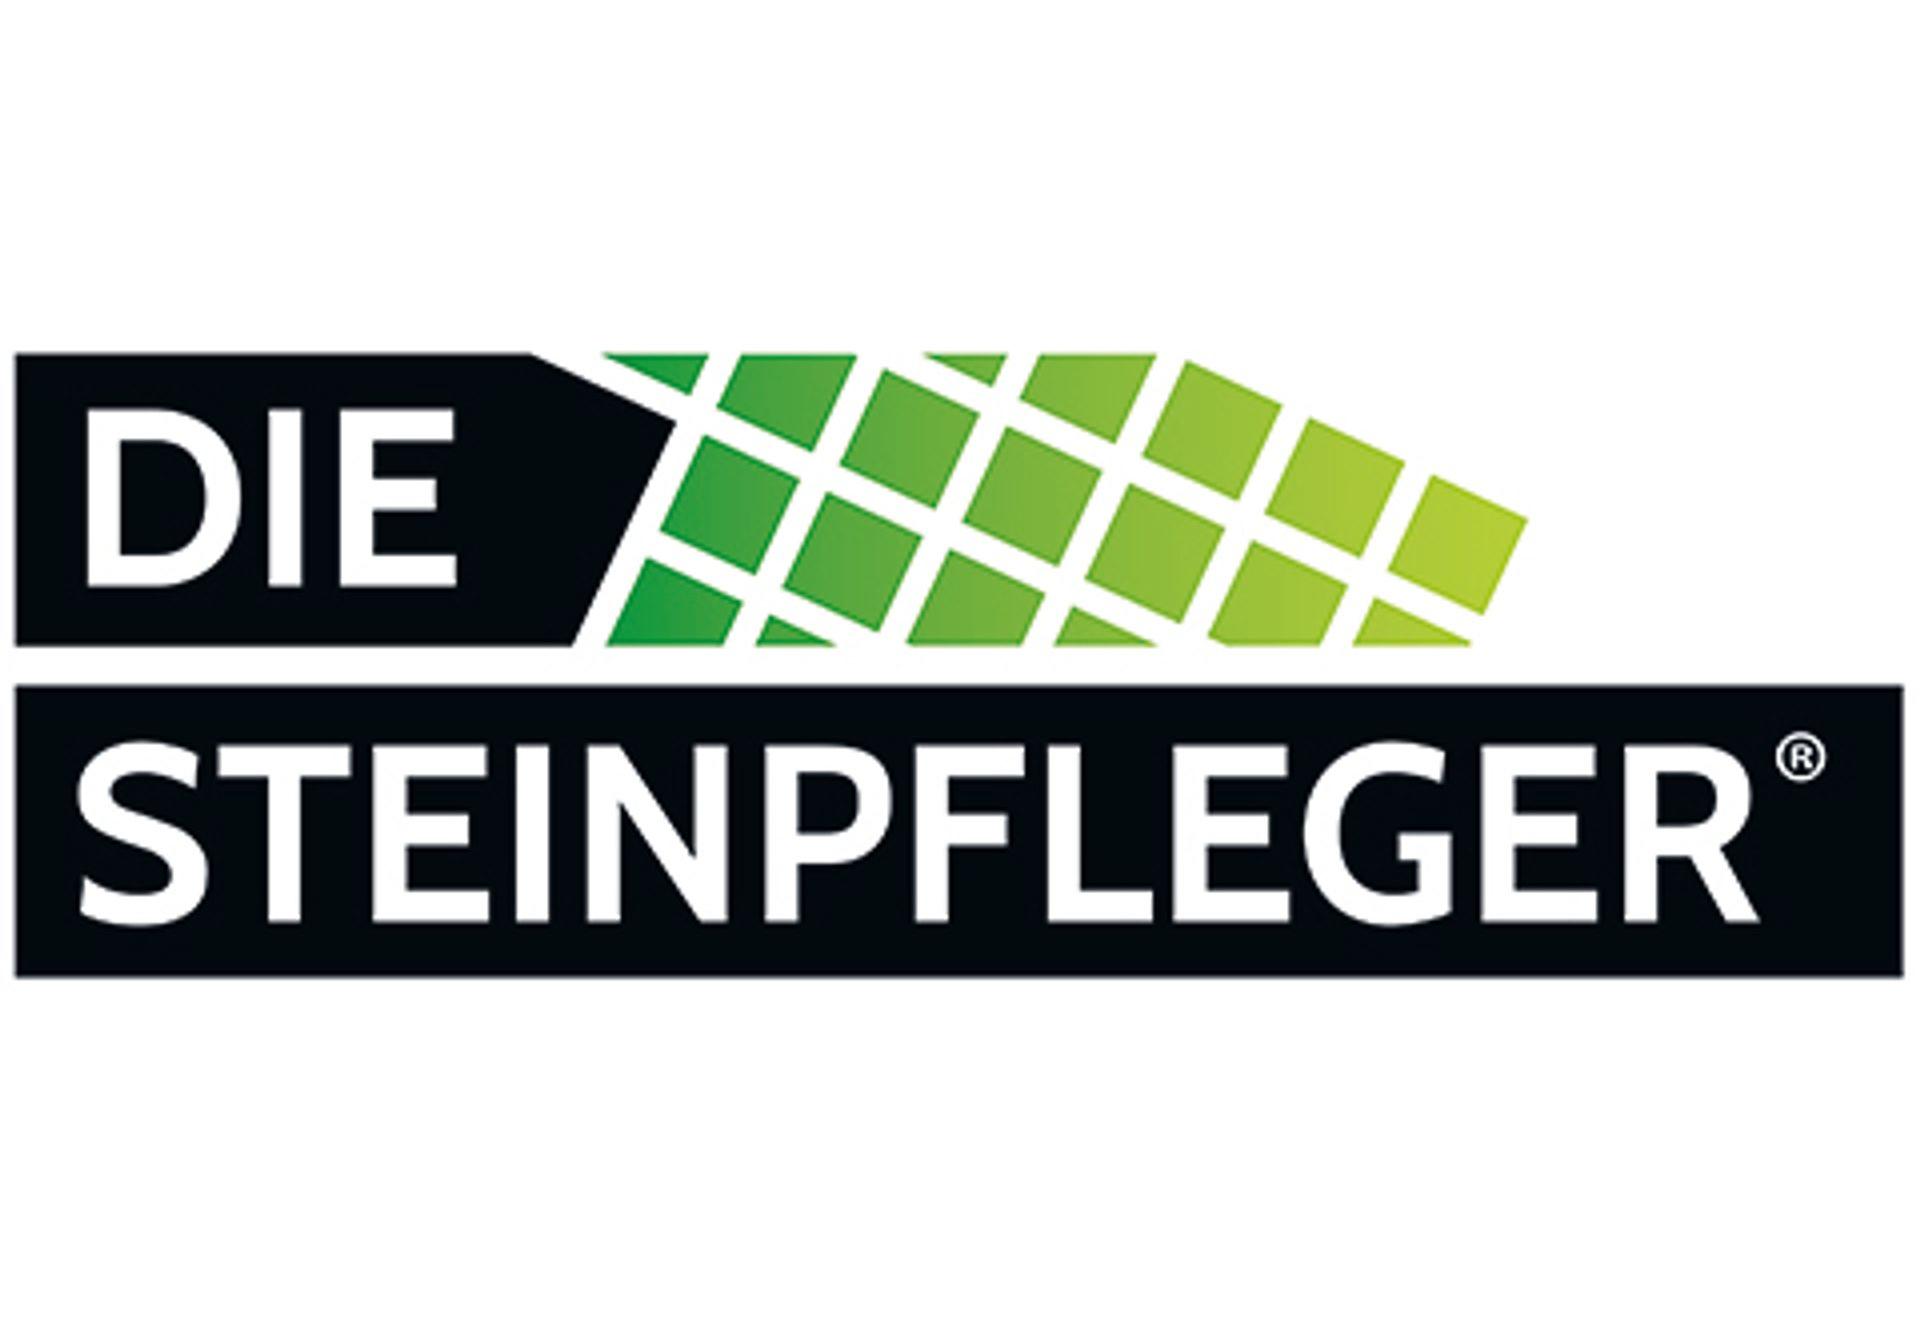 DIE STEINPFLEGER